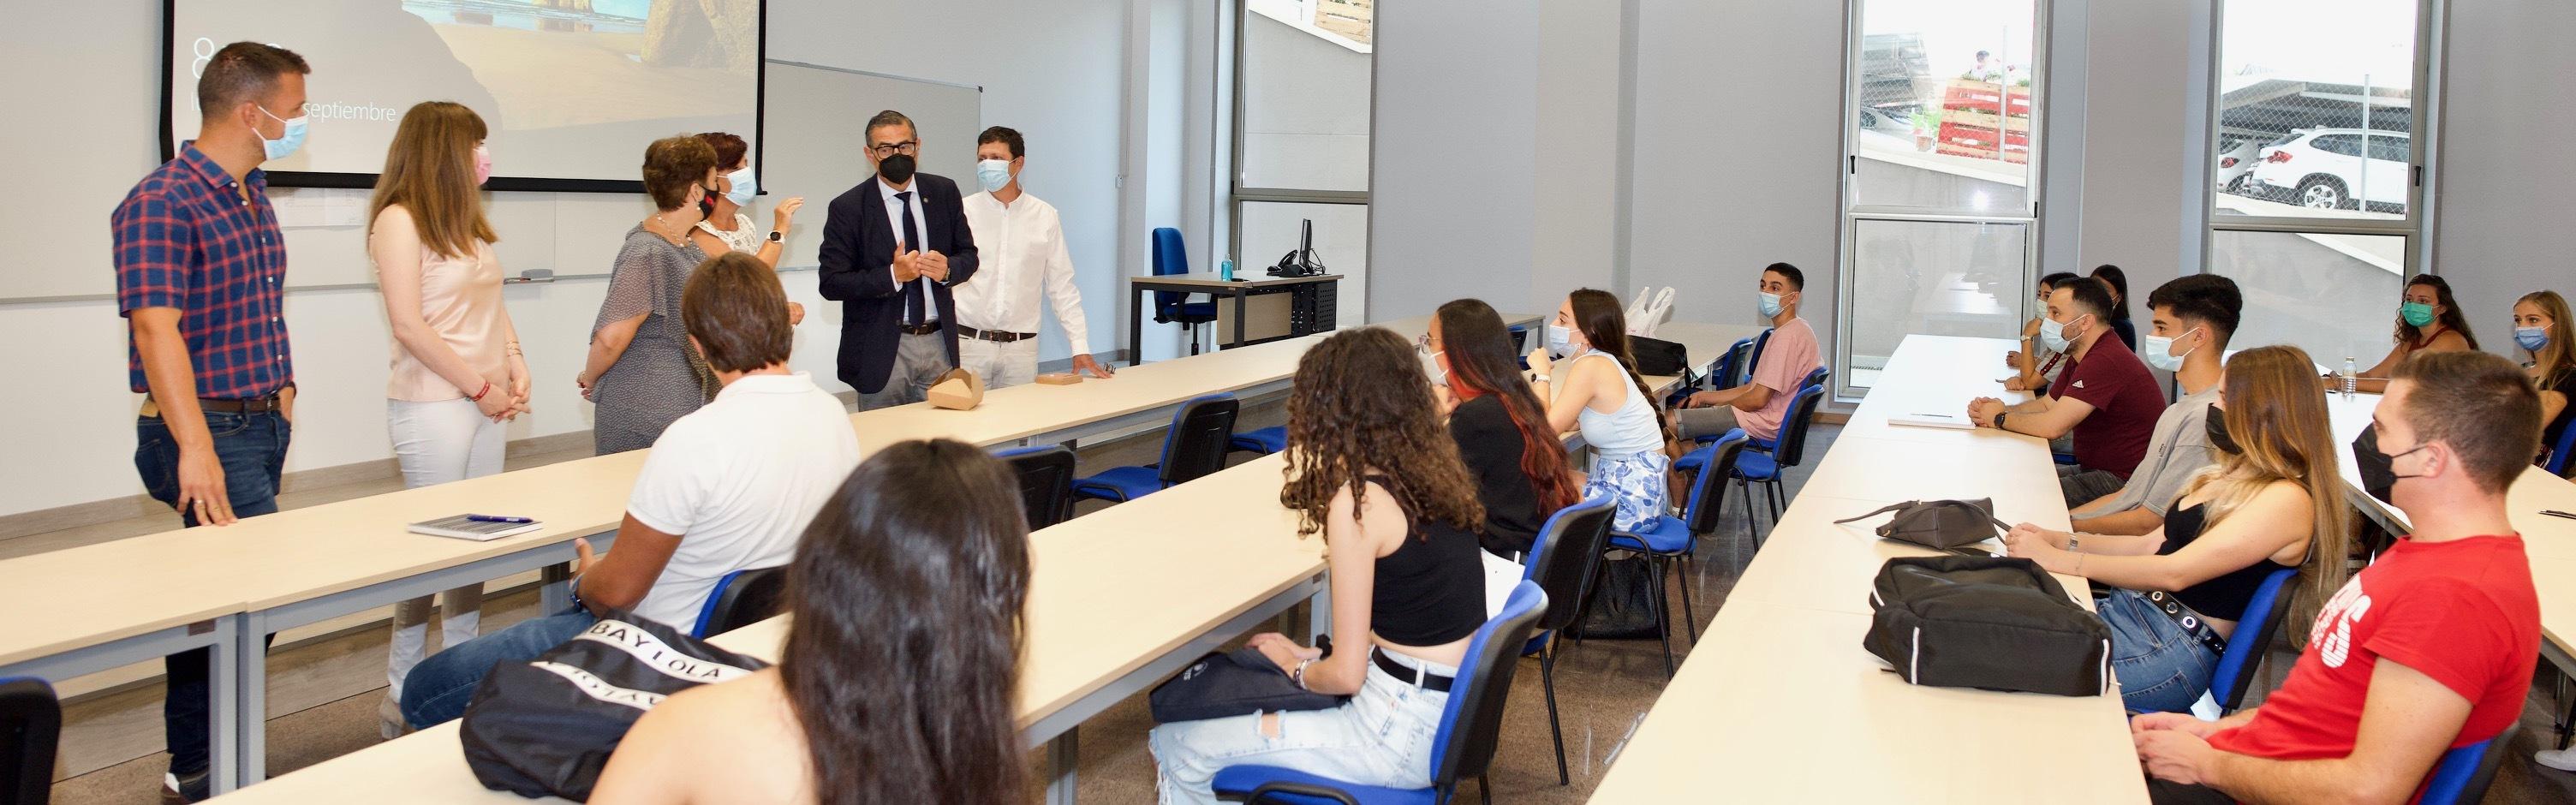 El rector de la UMU da la bienvenida al alumnado que estrena las instalaciones del nuevo Aulario del Campus de la Salud